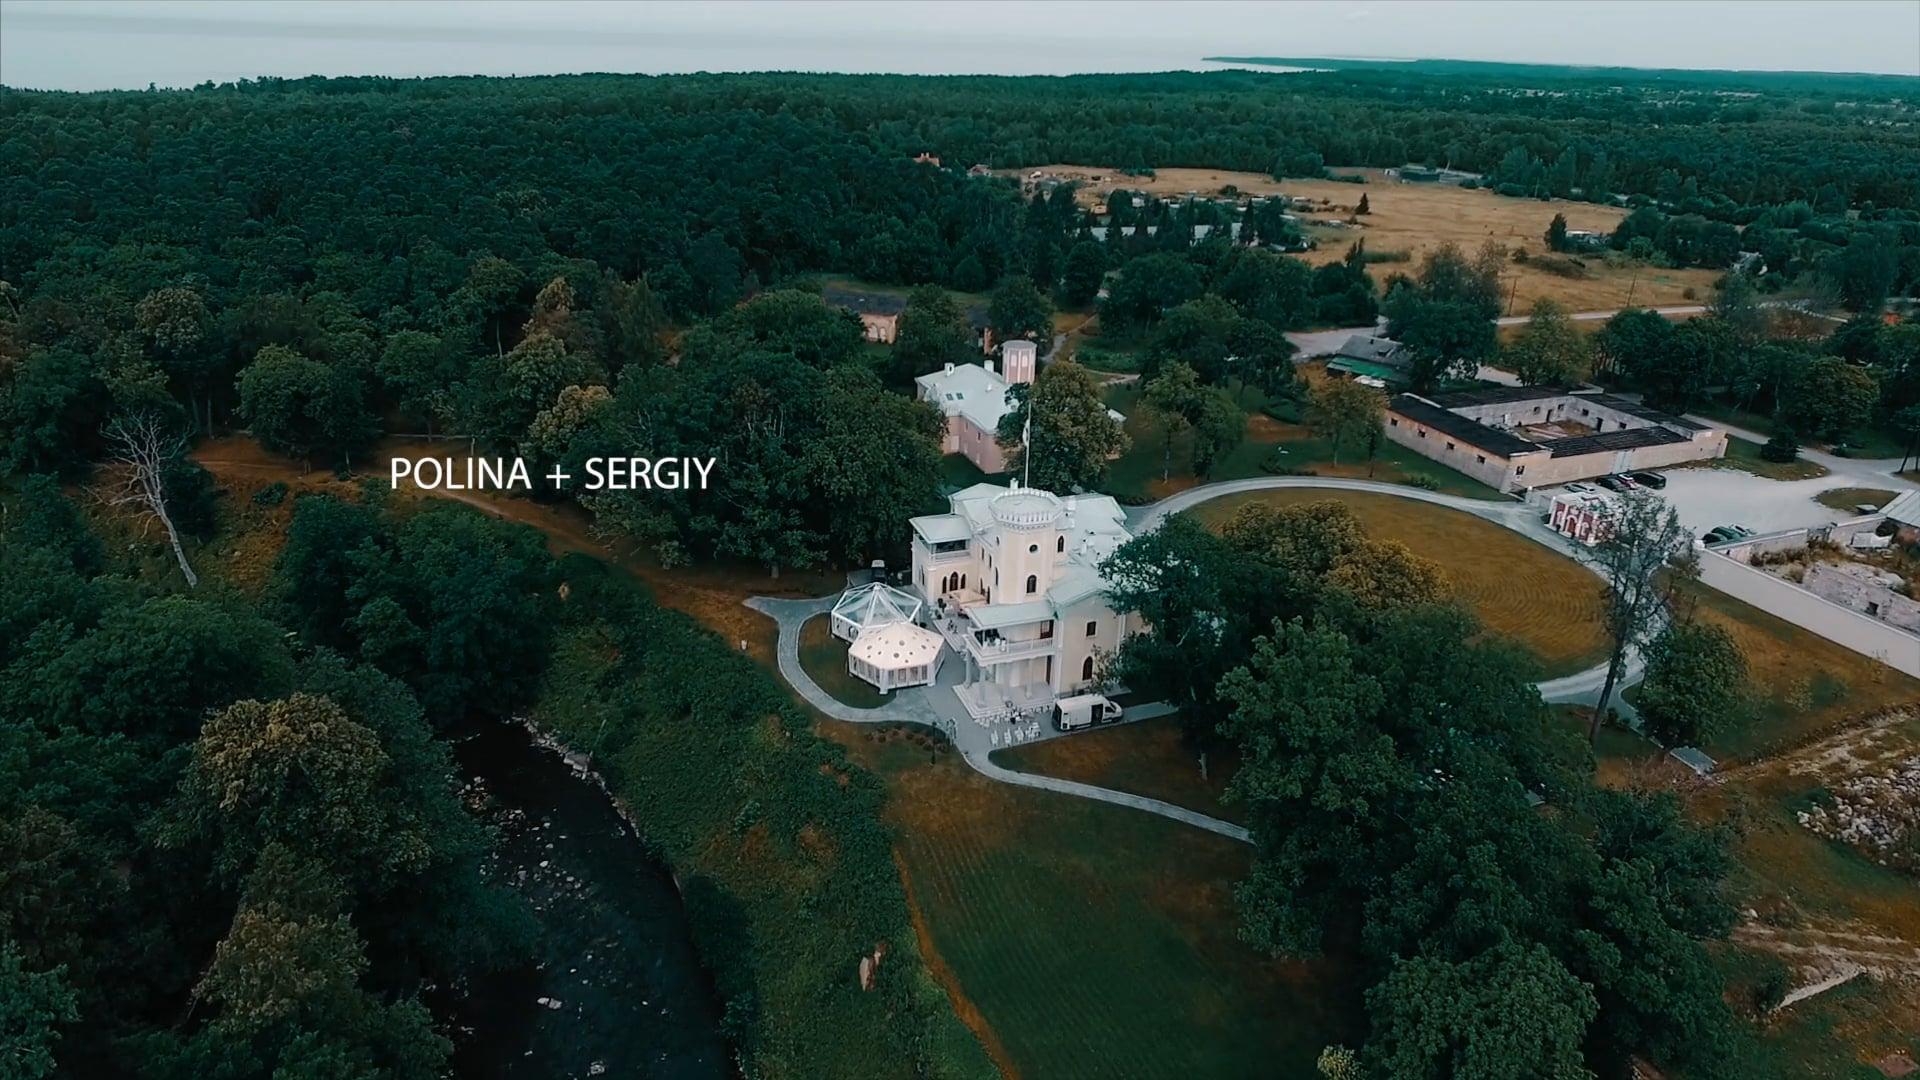 Polina + Sergiy (Keila joa loss)